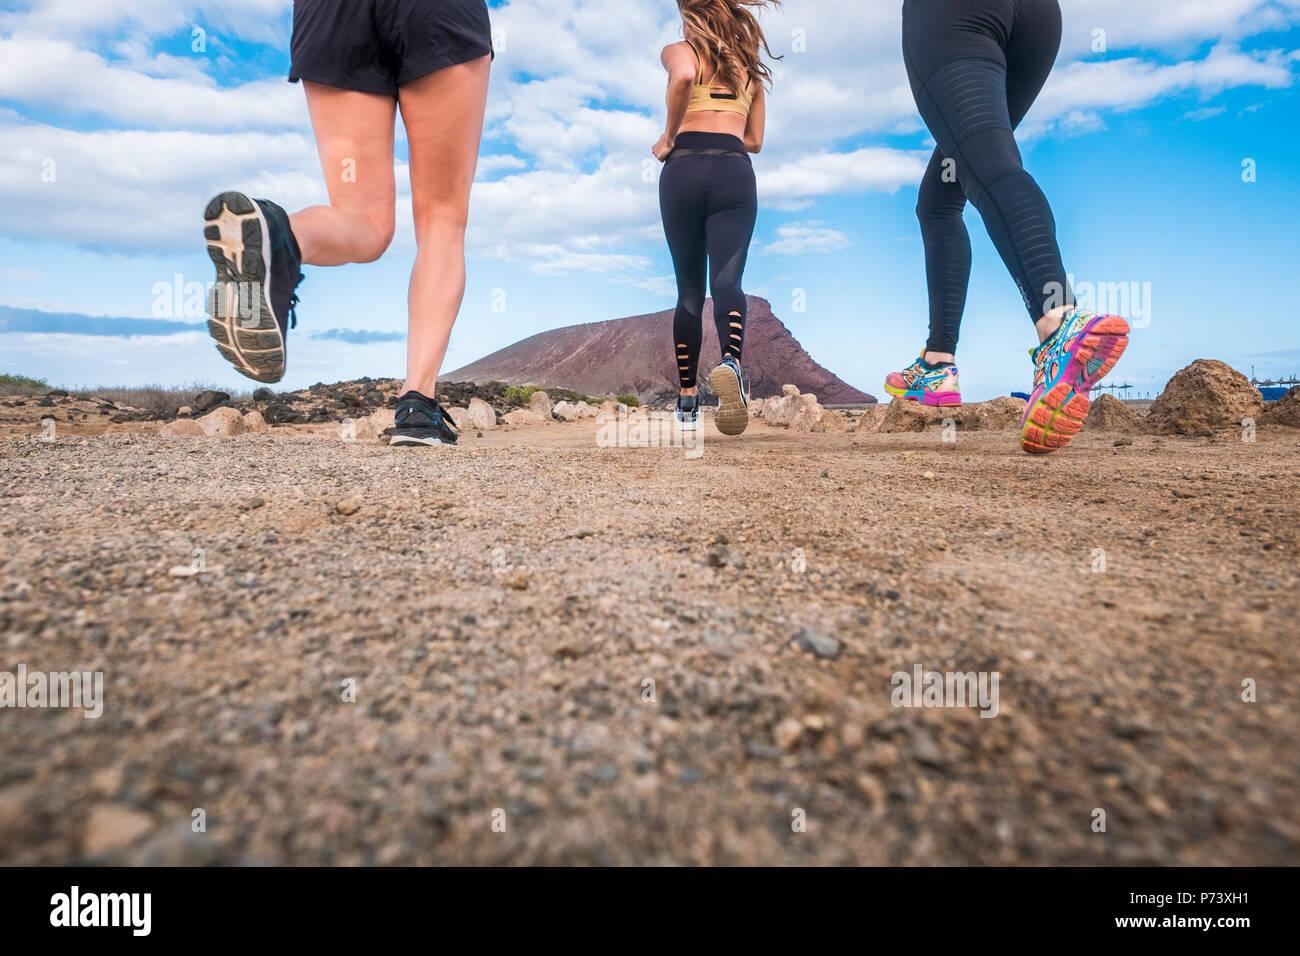 Am poiint Für drei schöne junge Mädchen, und sie gesund Übungen im Freien in der Nähe von einem Berg. scenic Outdoor Freizeitaktivitäten Aktivität in Fr Stockbild